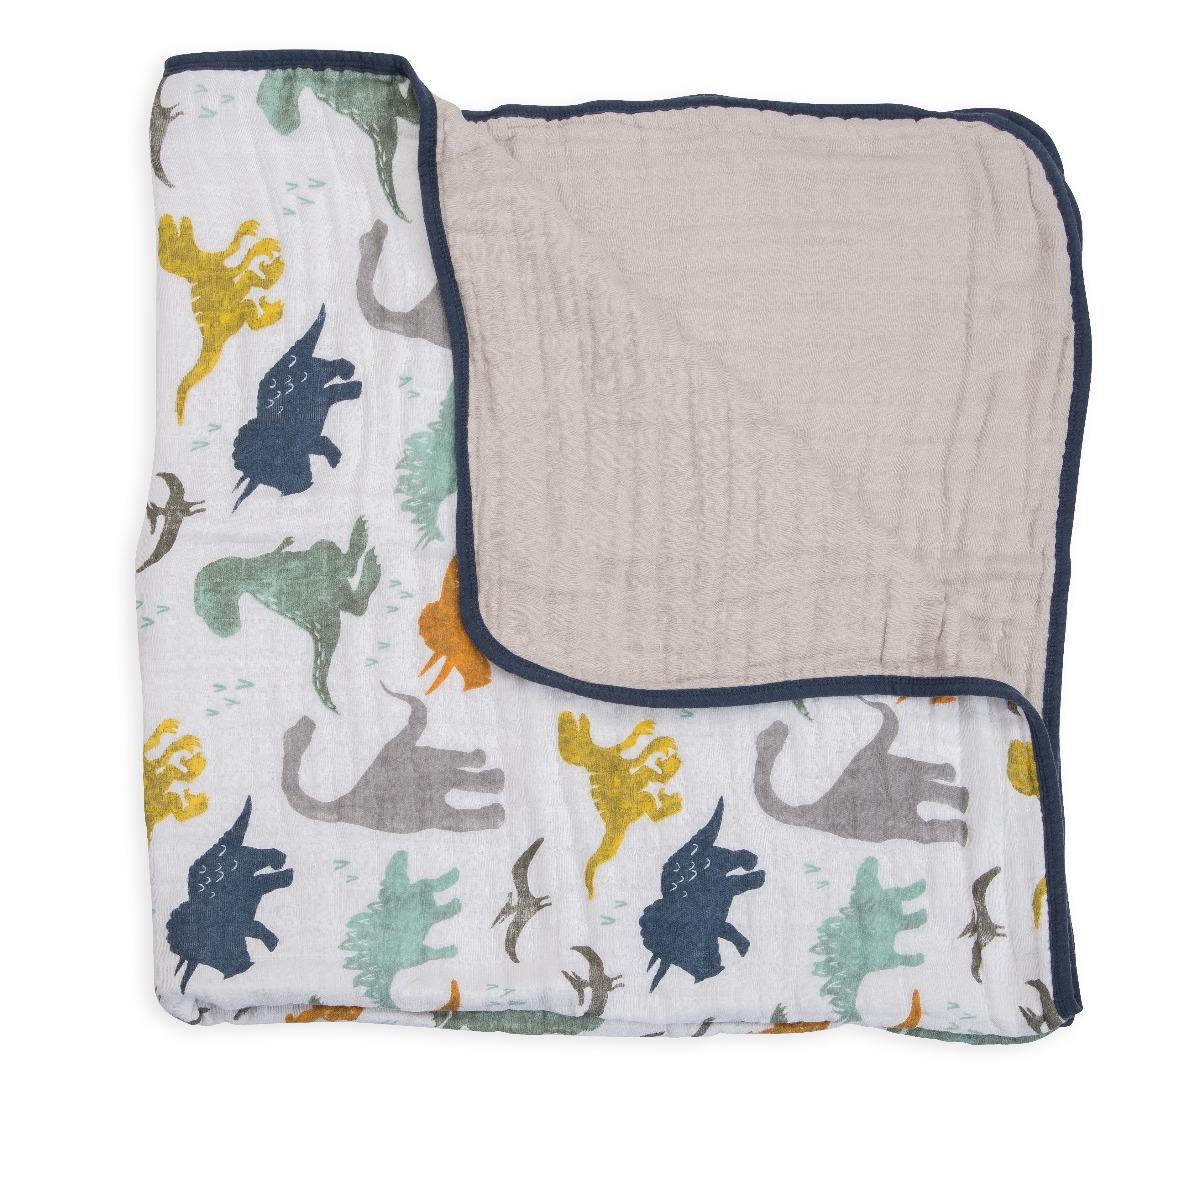 Little Unicorn Cotton Muslin Quilt Dino Friends